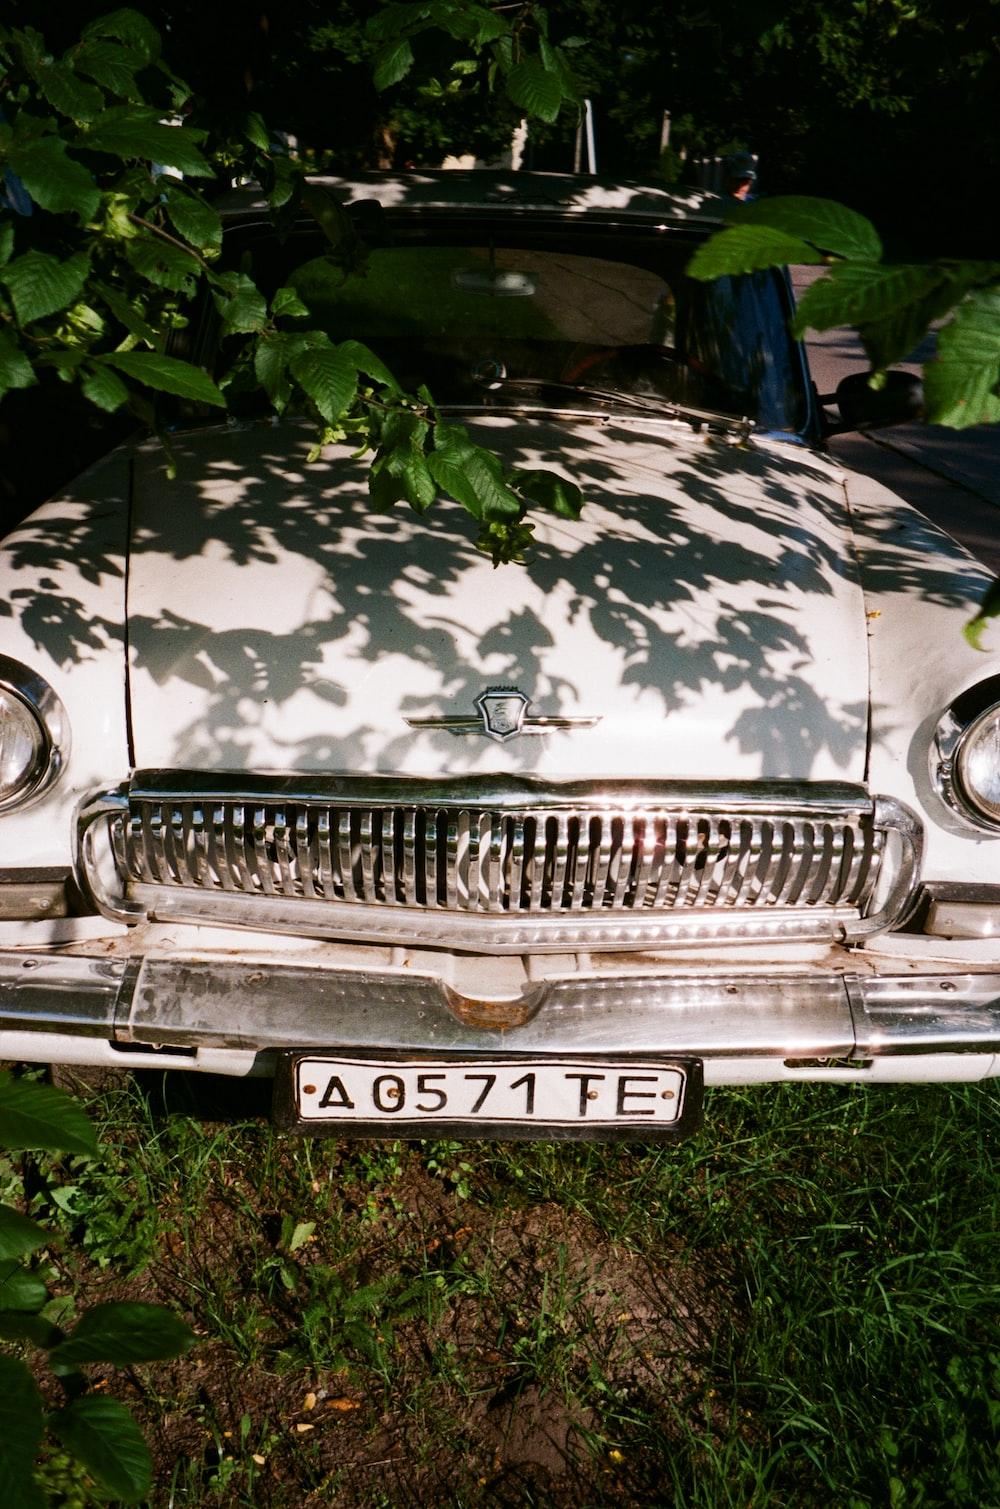 silver mercedes benz car on green grass field